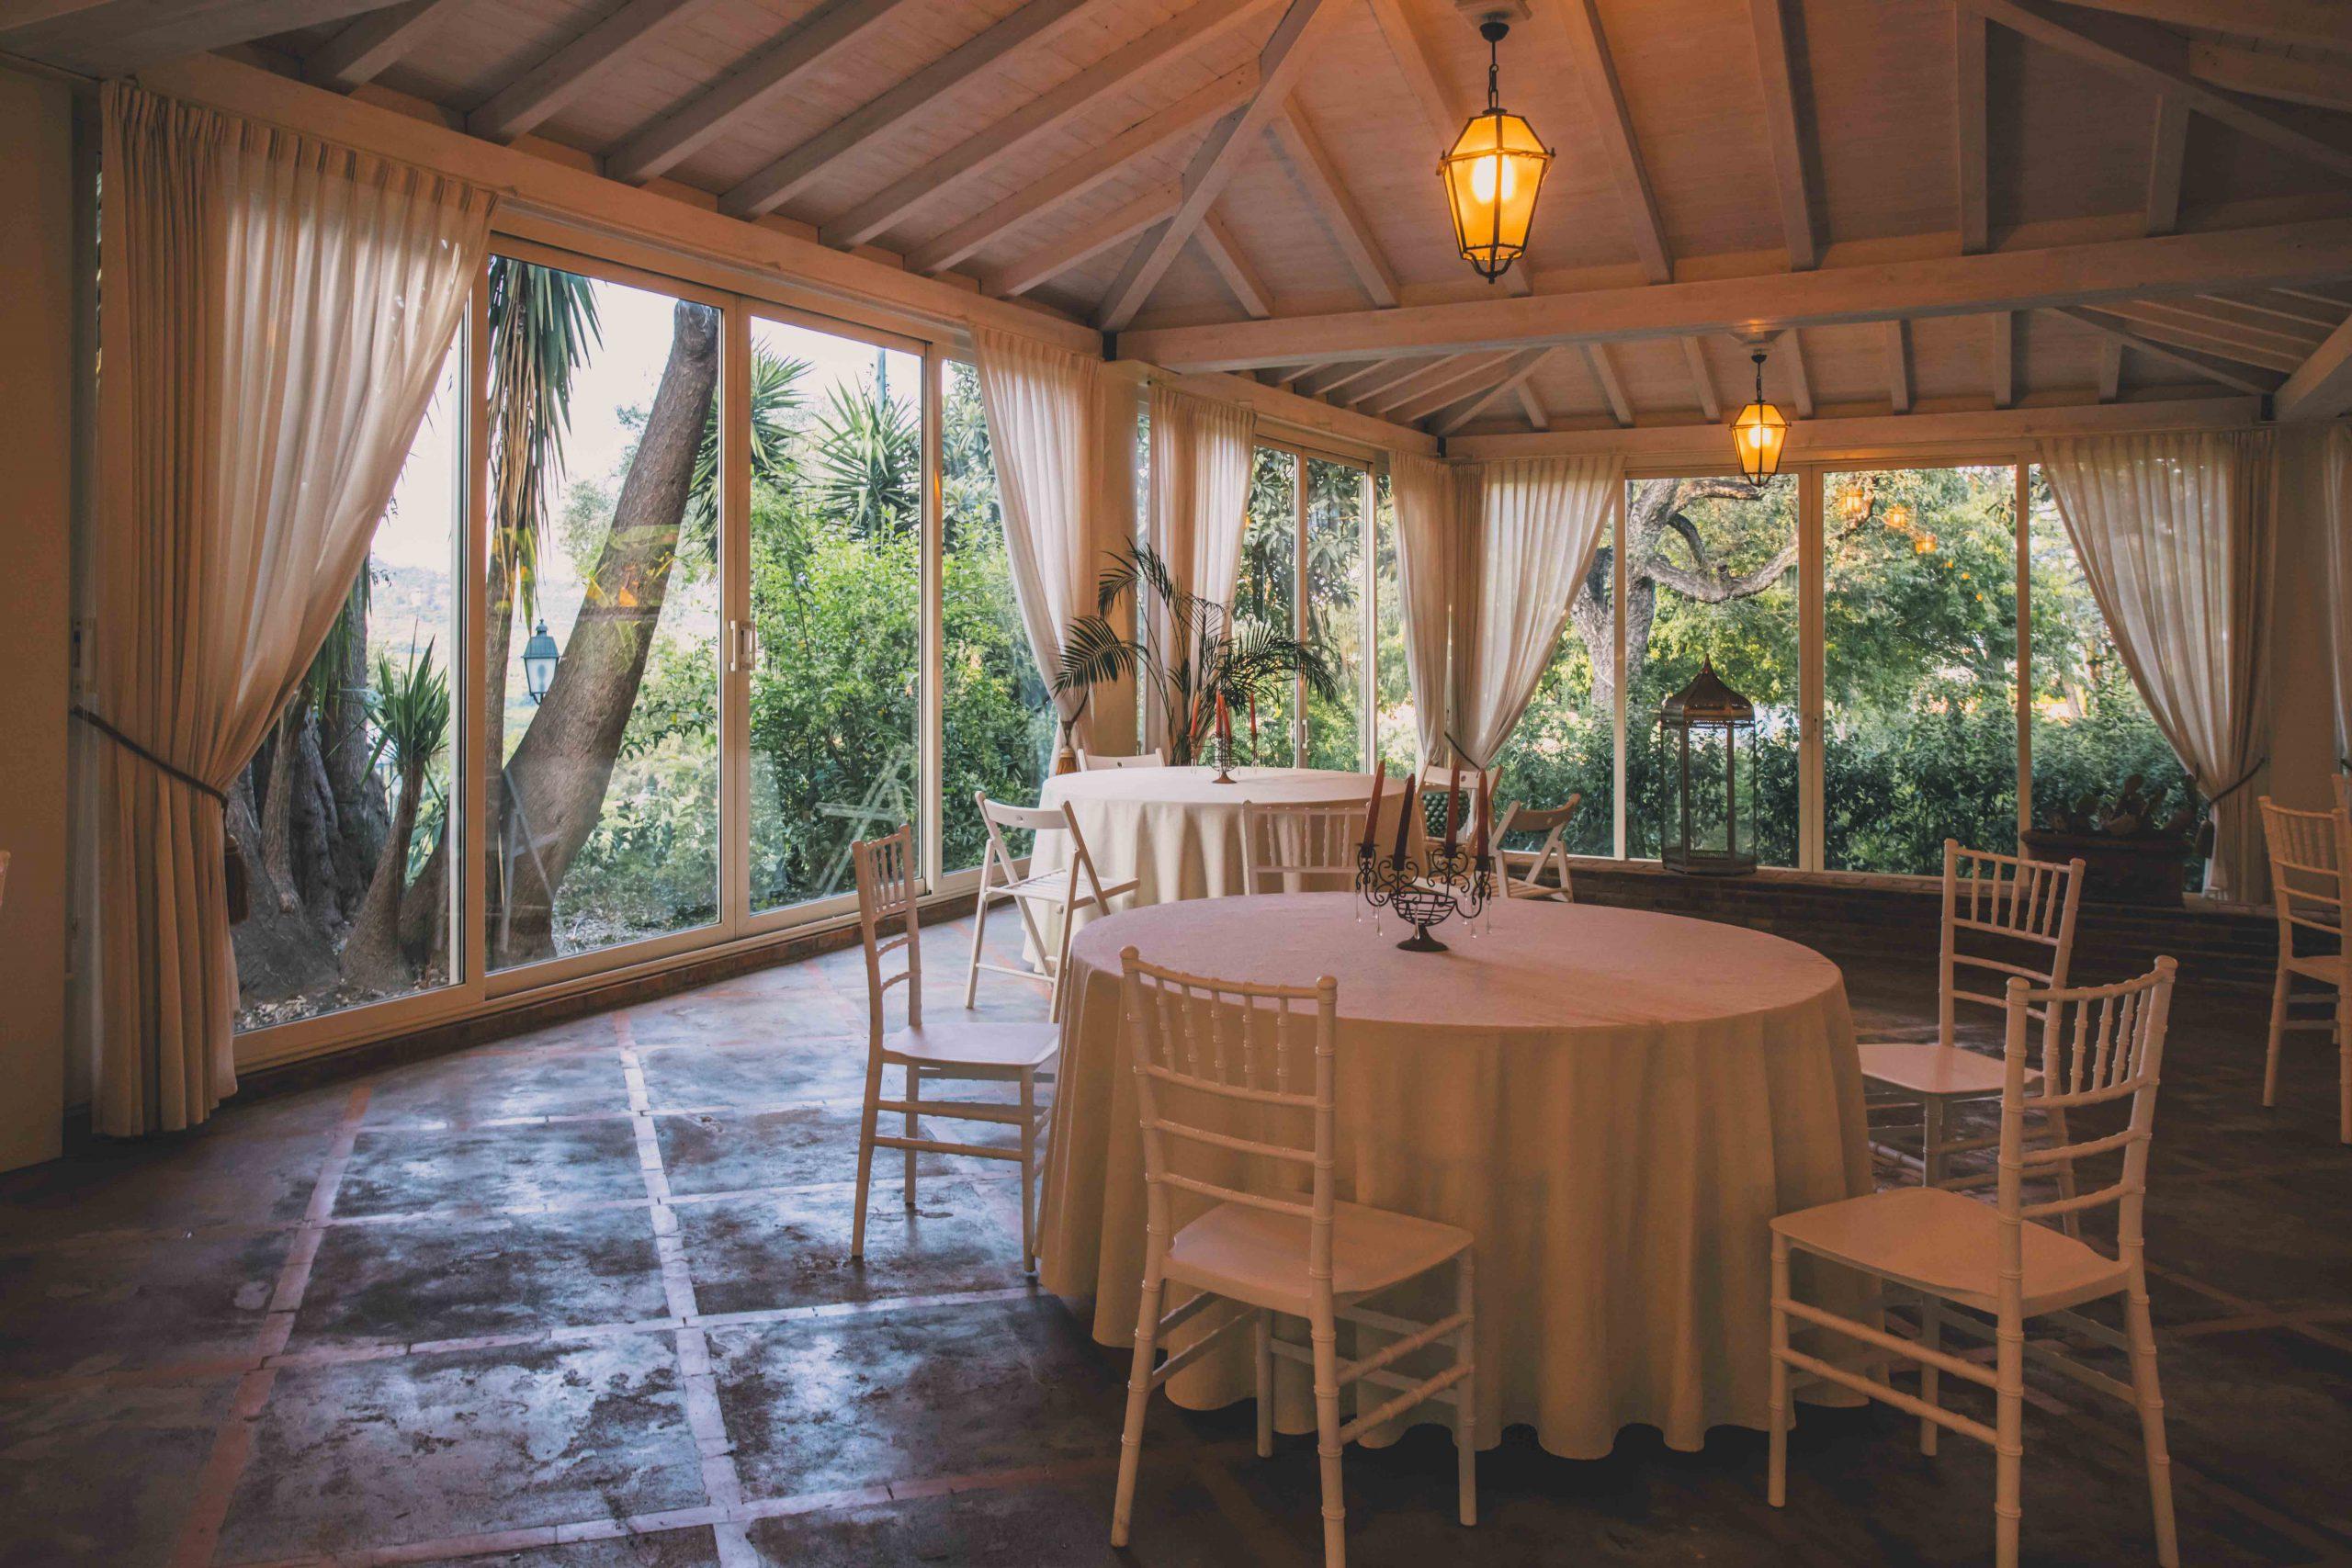 Celebra il tuo matrimonio a Villa Musmeci e scegli se godere delle aree immerse nella natura oppure se restare al coperto grazie alle nostre strutture: lasciati accogliere e vivi in tutta tranquillità il tuo giorno più atteso.